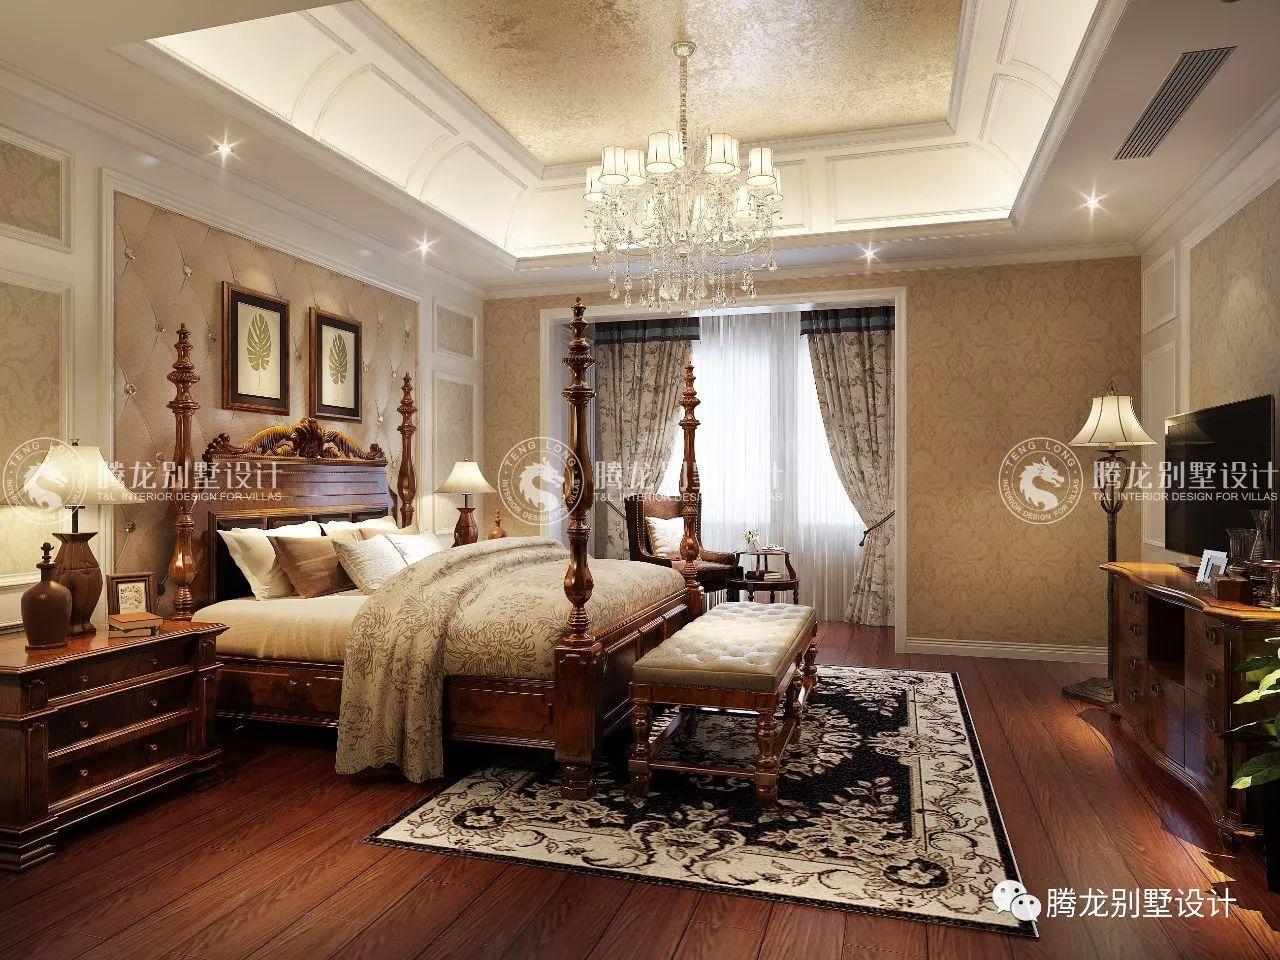 新中式别墅三楼卧室装修效果图